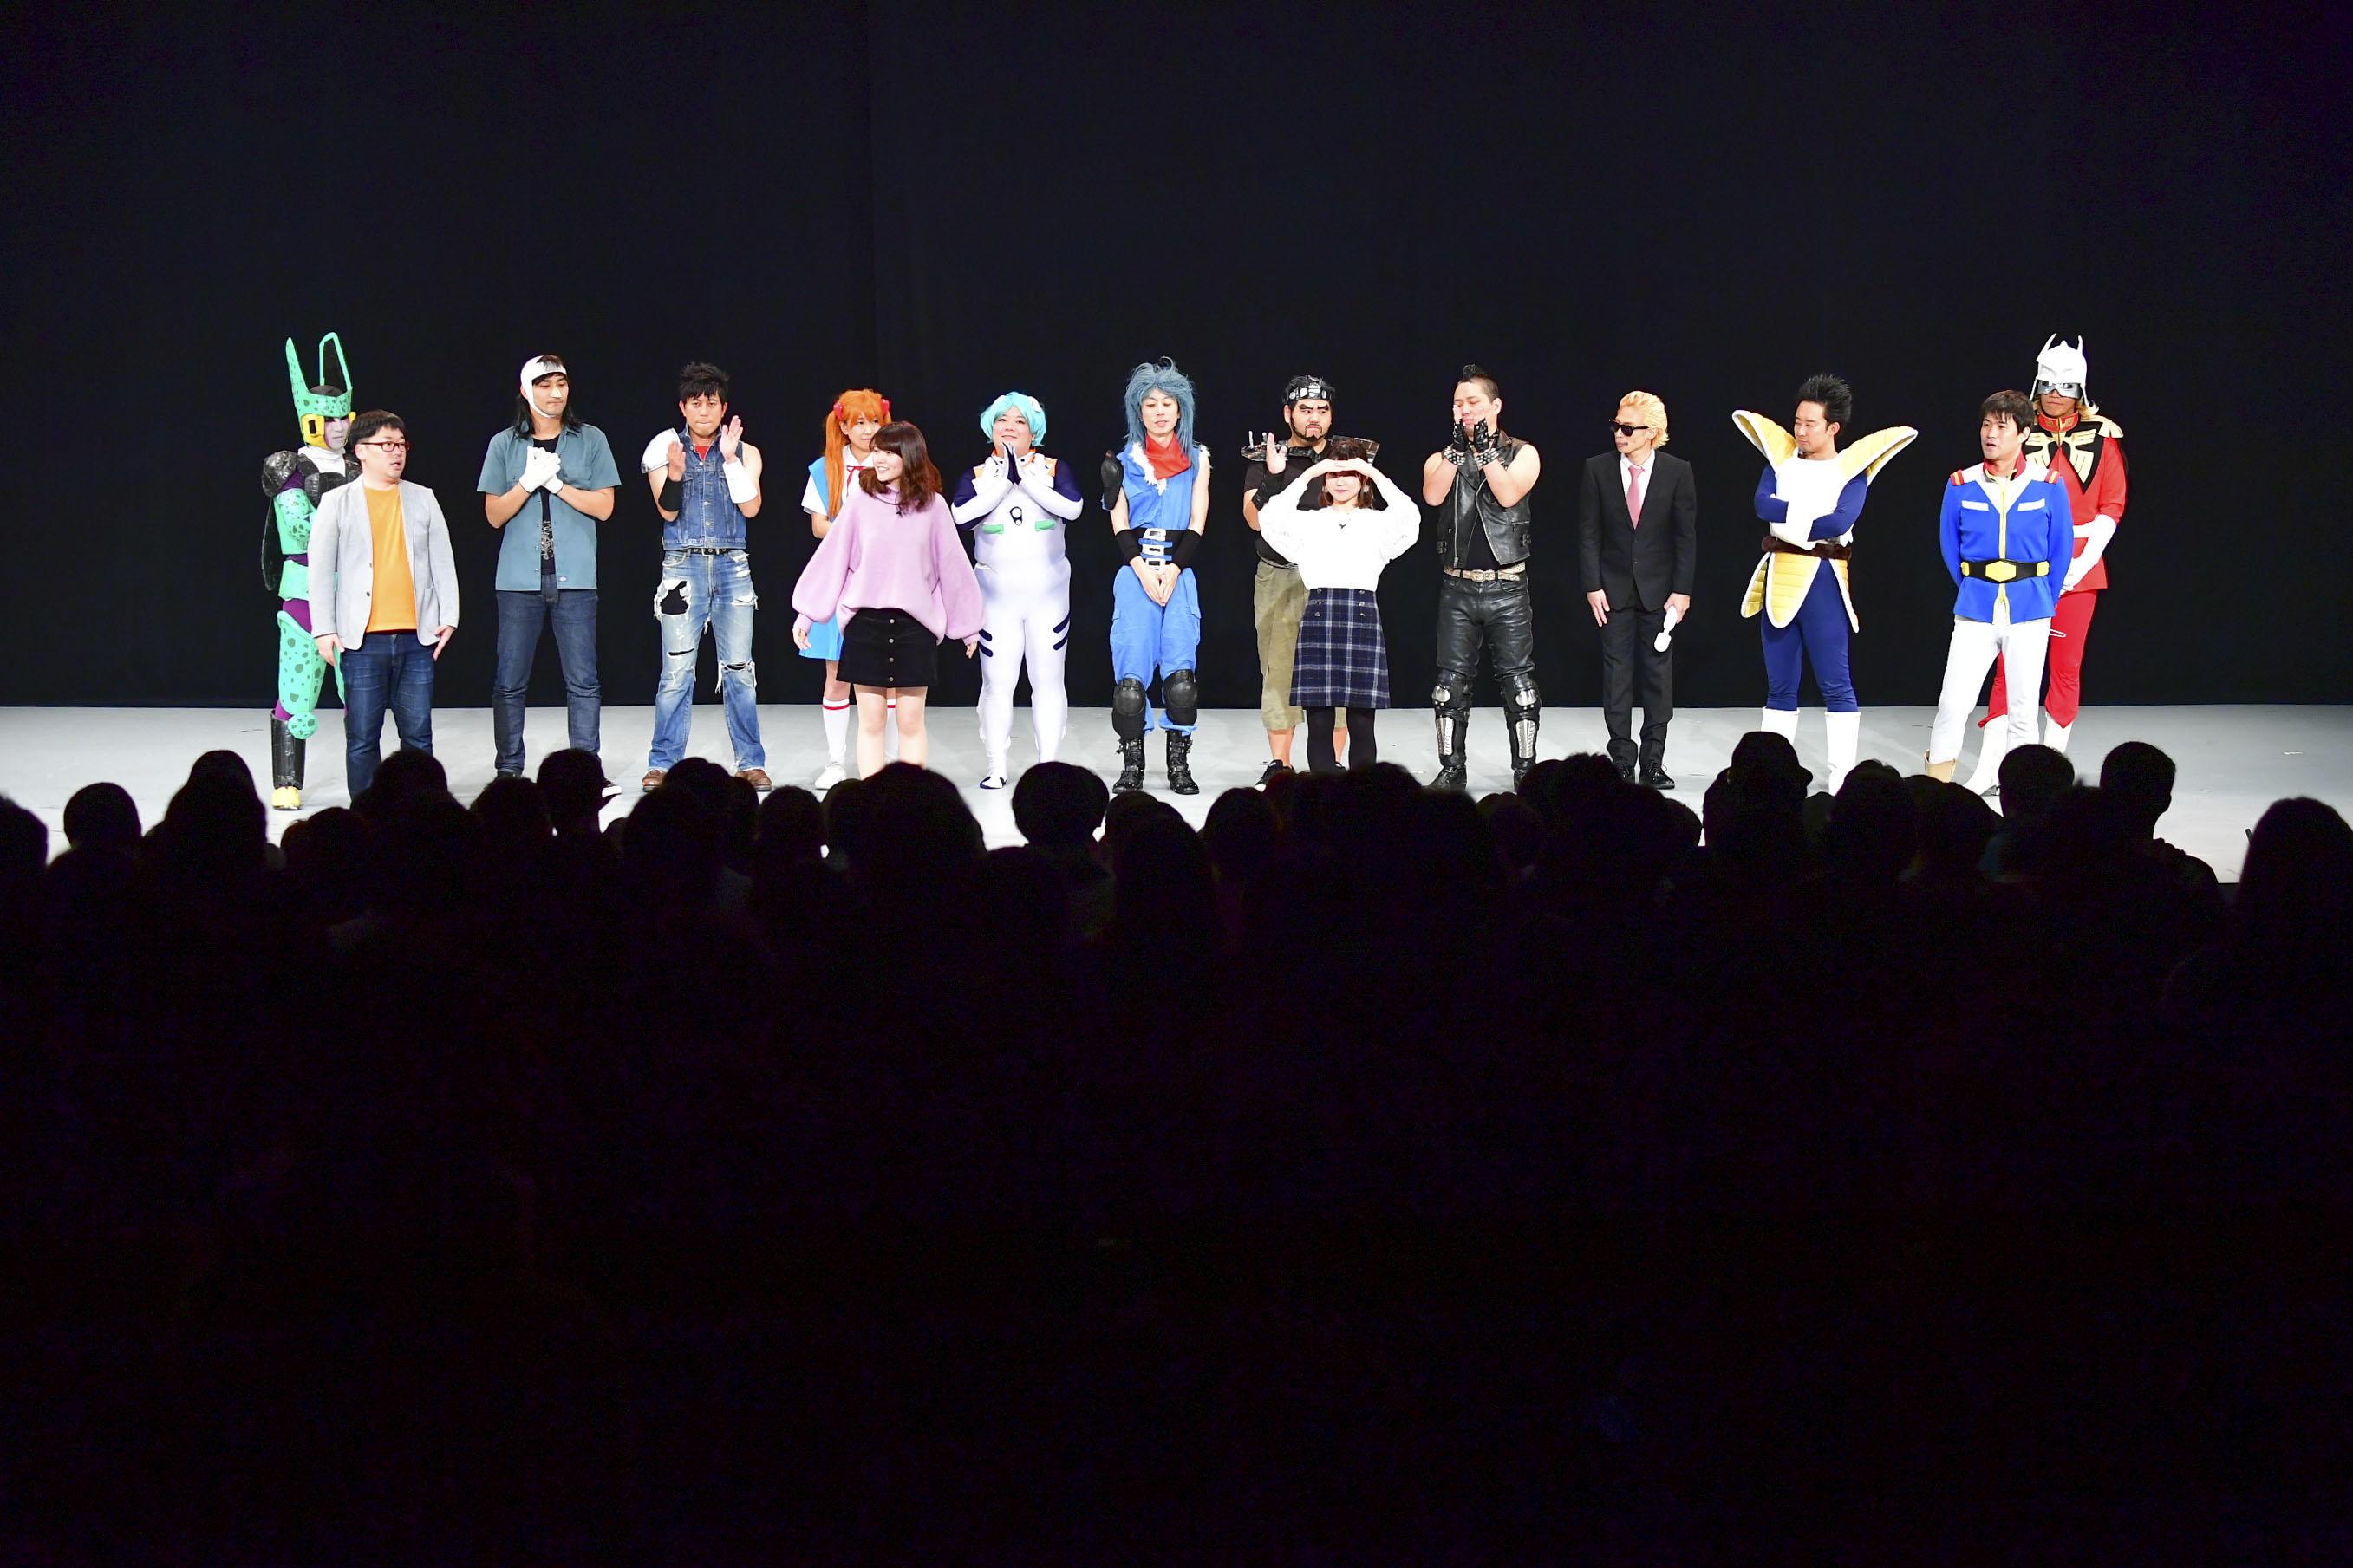 http://news.yoshimoto.co.jp/20171029150554-534e93db220d1e23b0c072d176c95cb23de4df7c.jpg